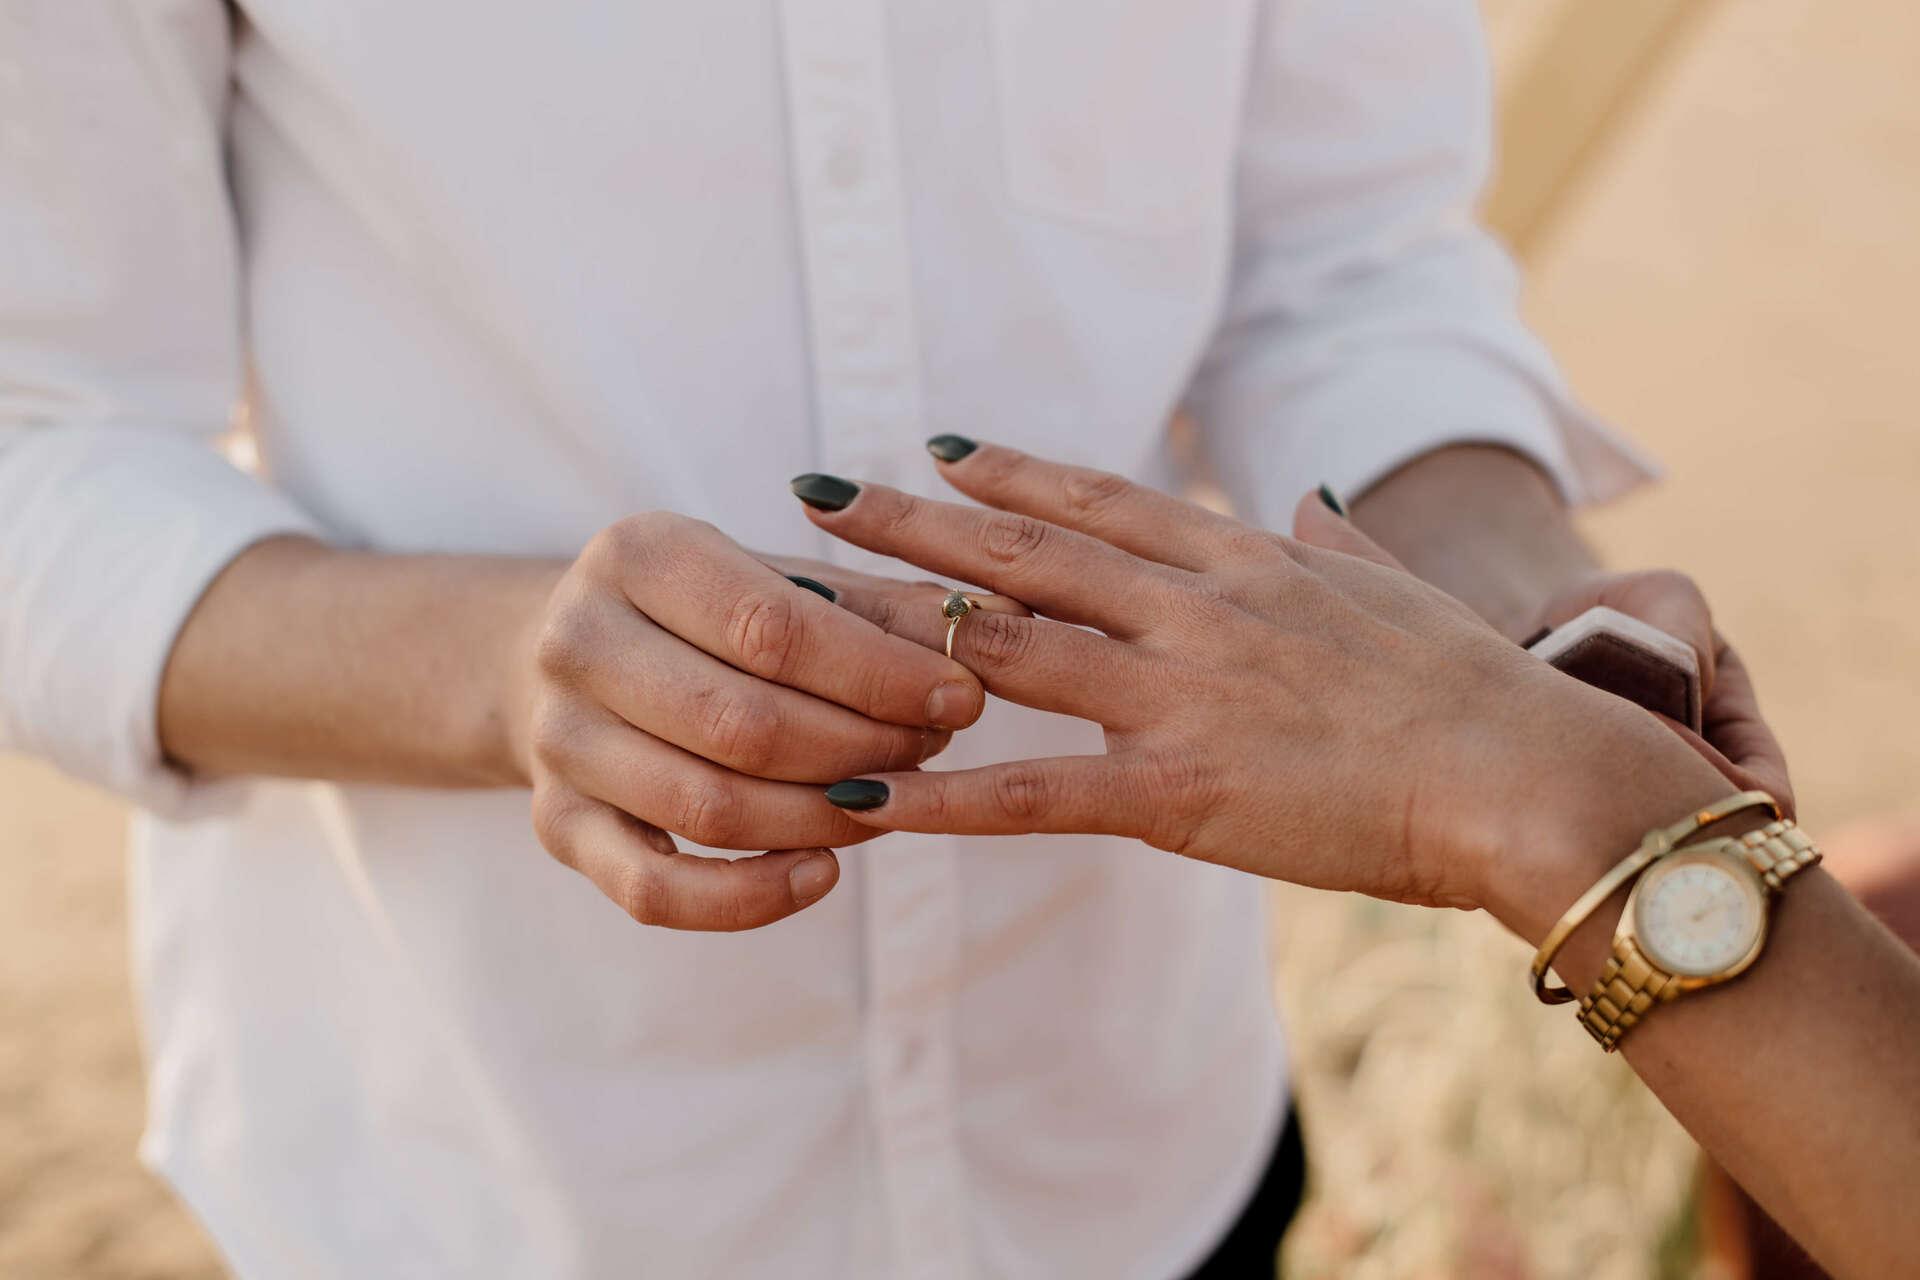 Huwelijksaanzoek doen - Girls of honour